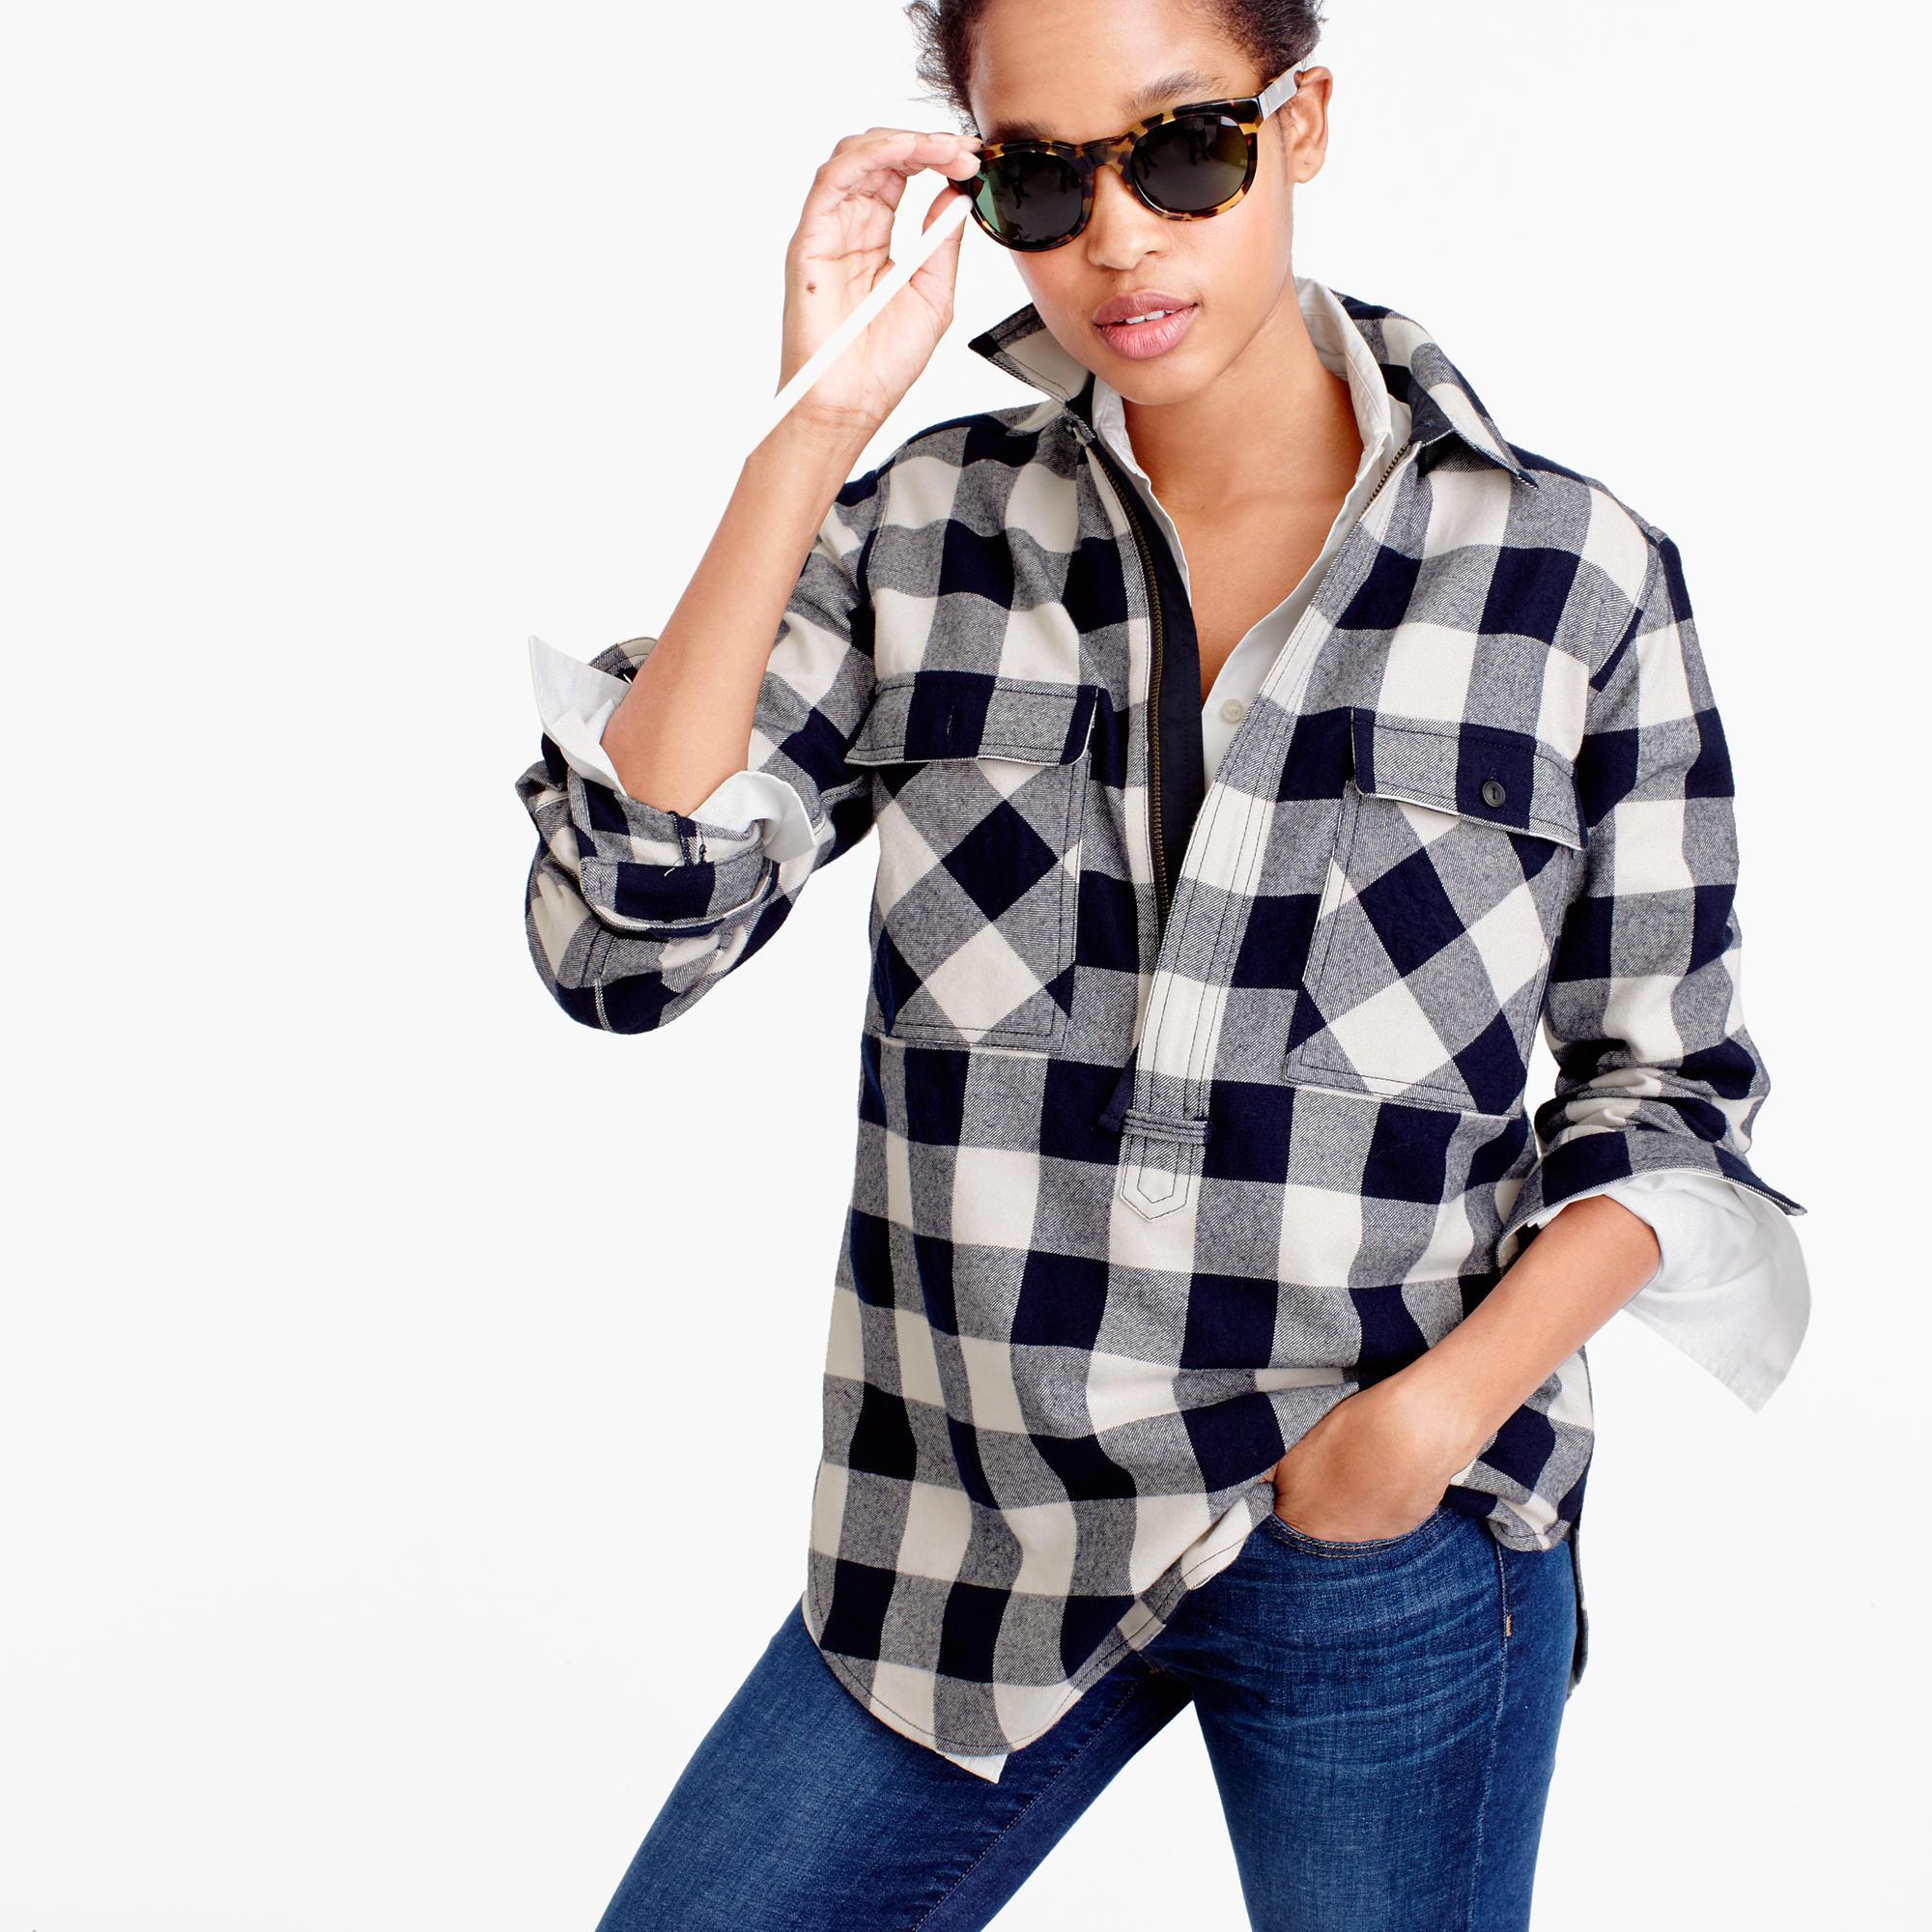 Buffalo Check Shirt-Jacket : Women's Tops | J.Crew